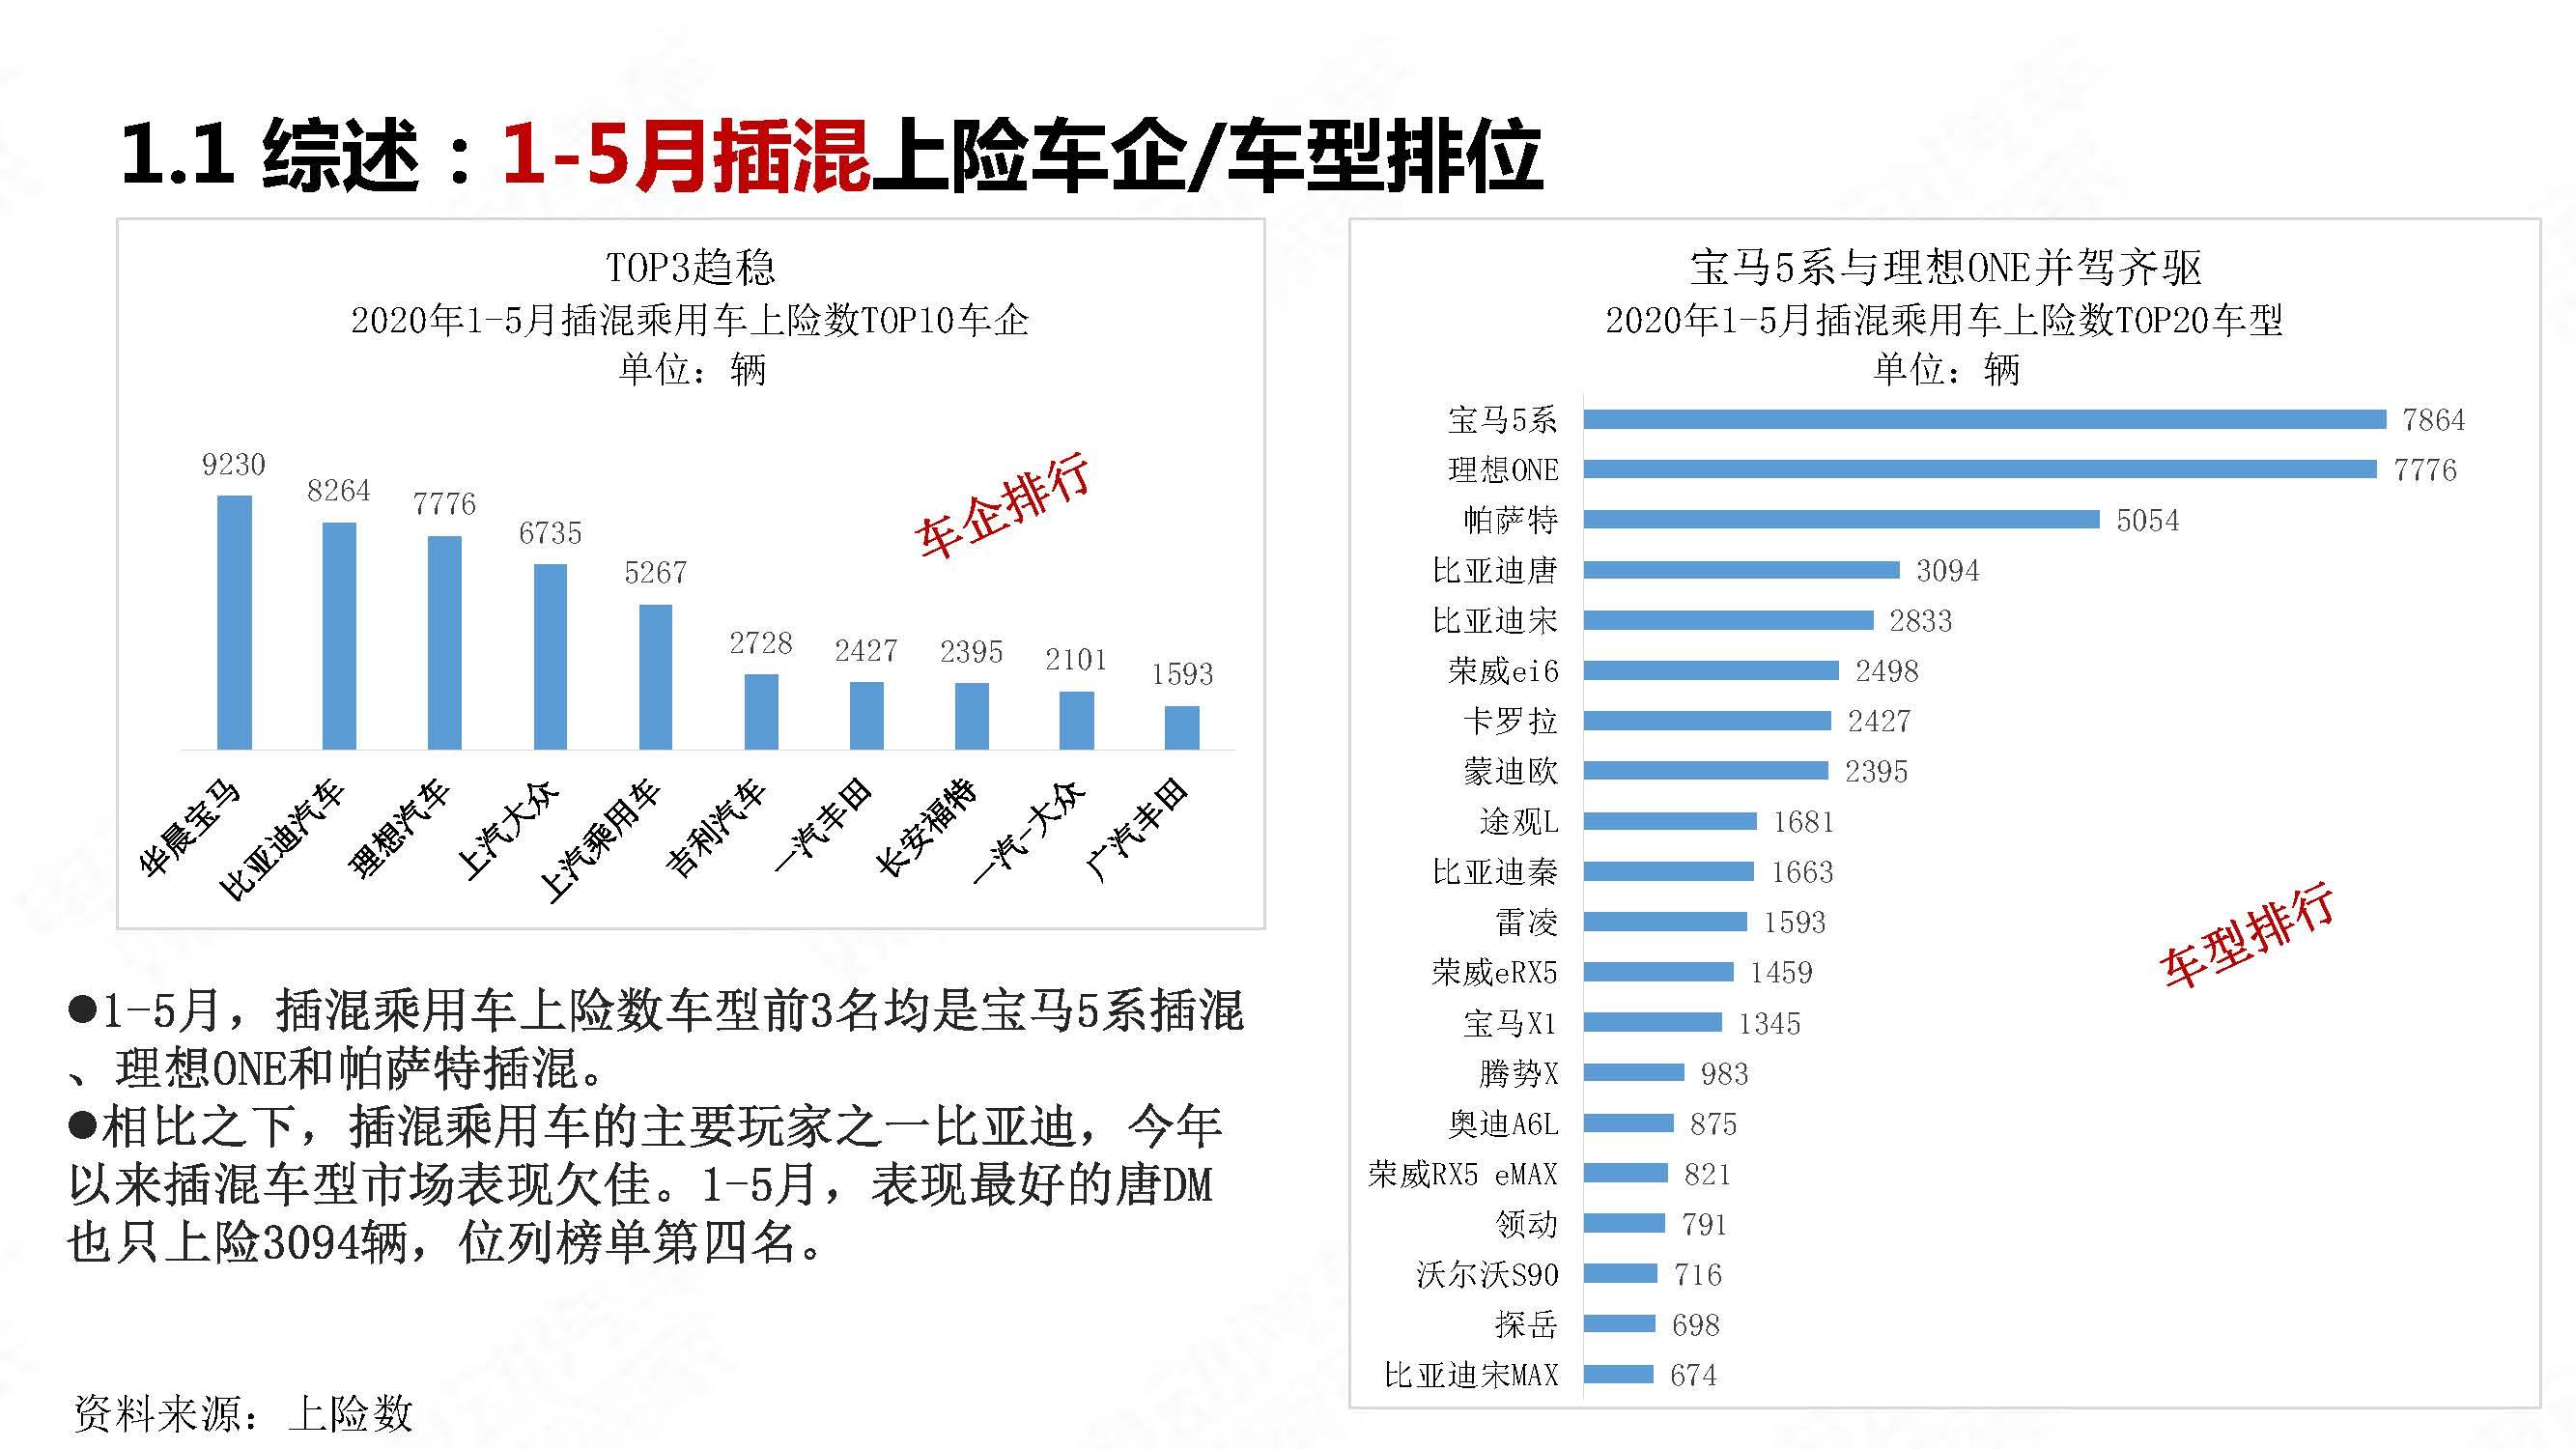 中国新能源汽车产业观察2020年5月简版_页面_14